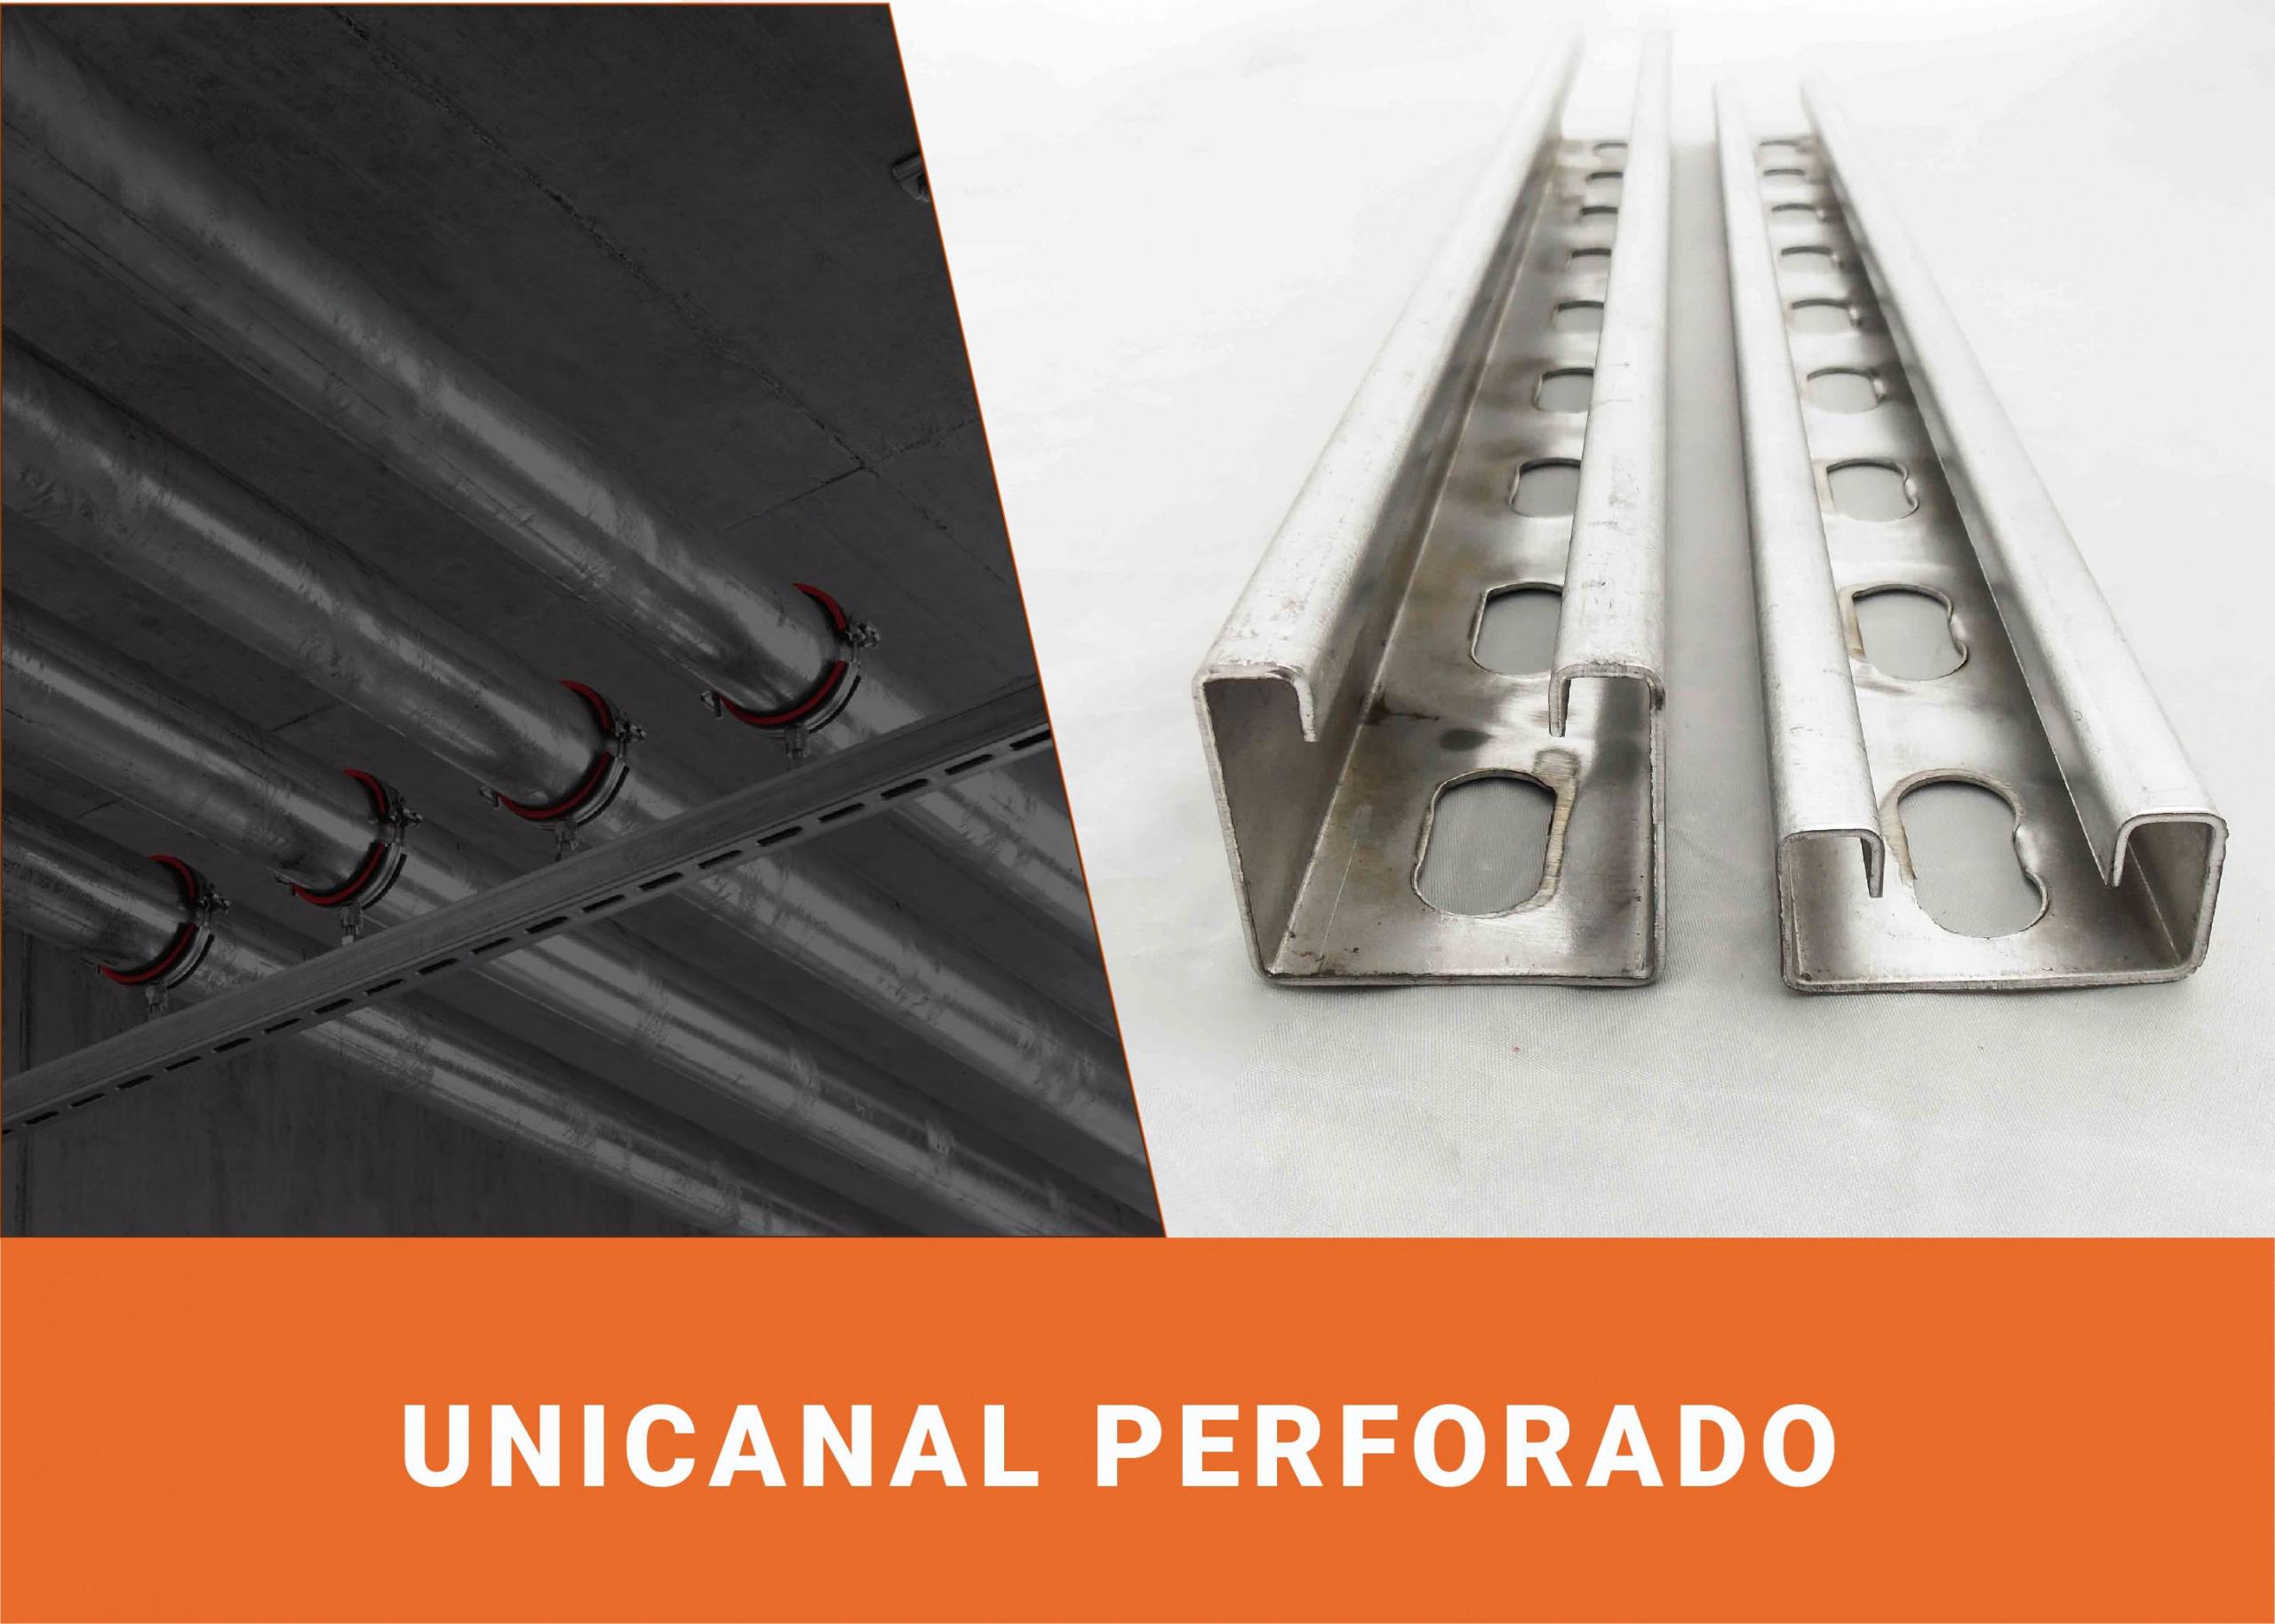 Unicanal perforado 4x4/4x2 galvanizado Image